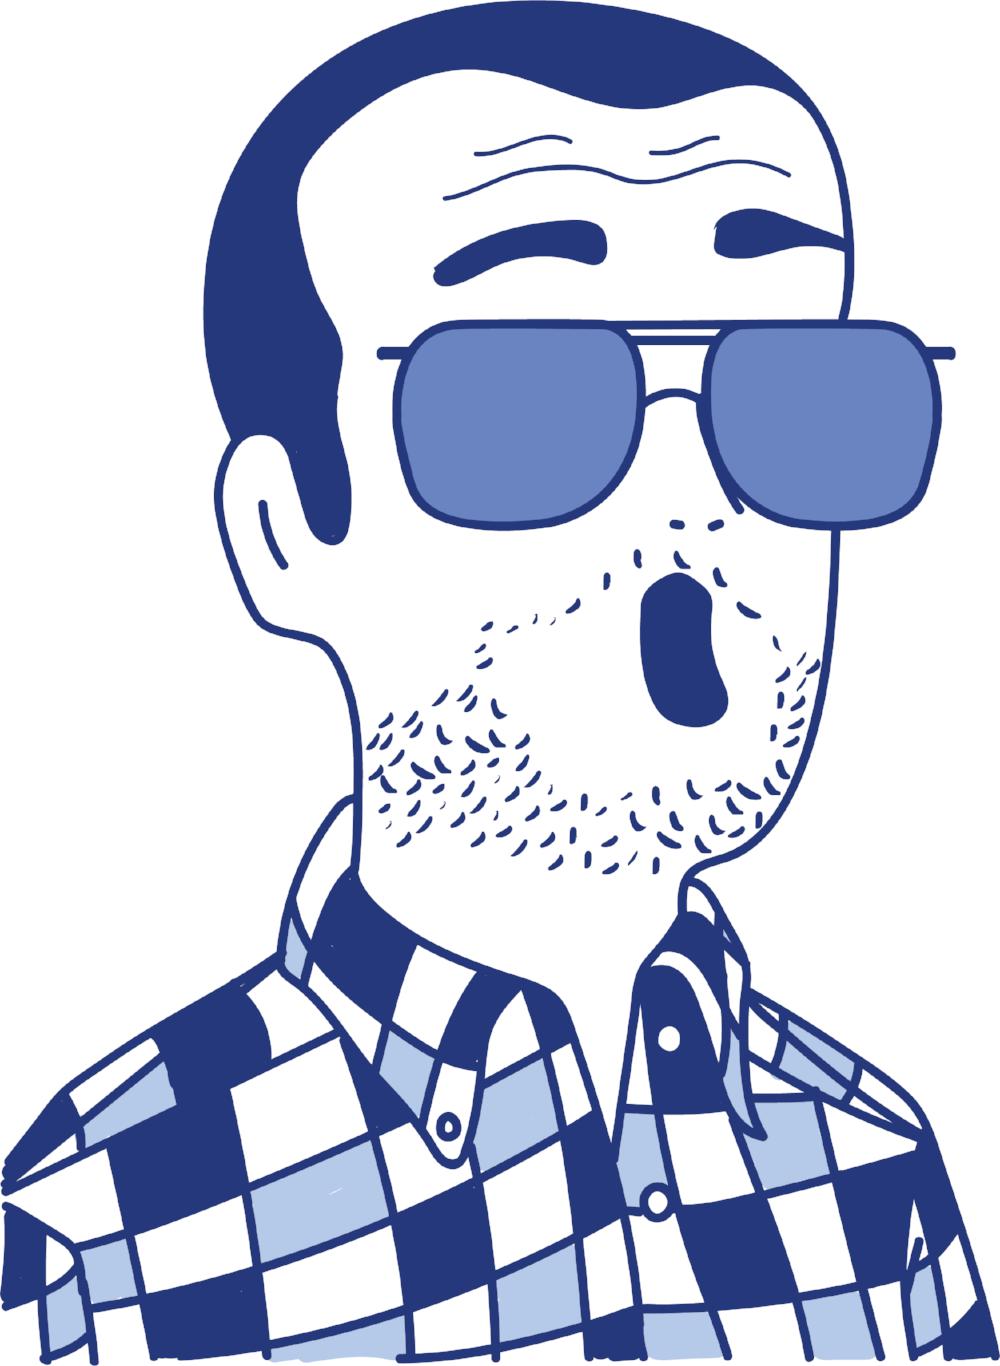 vinson_illustration4.png